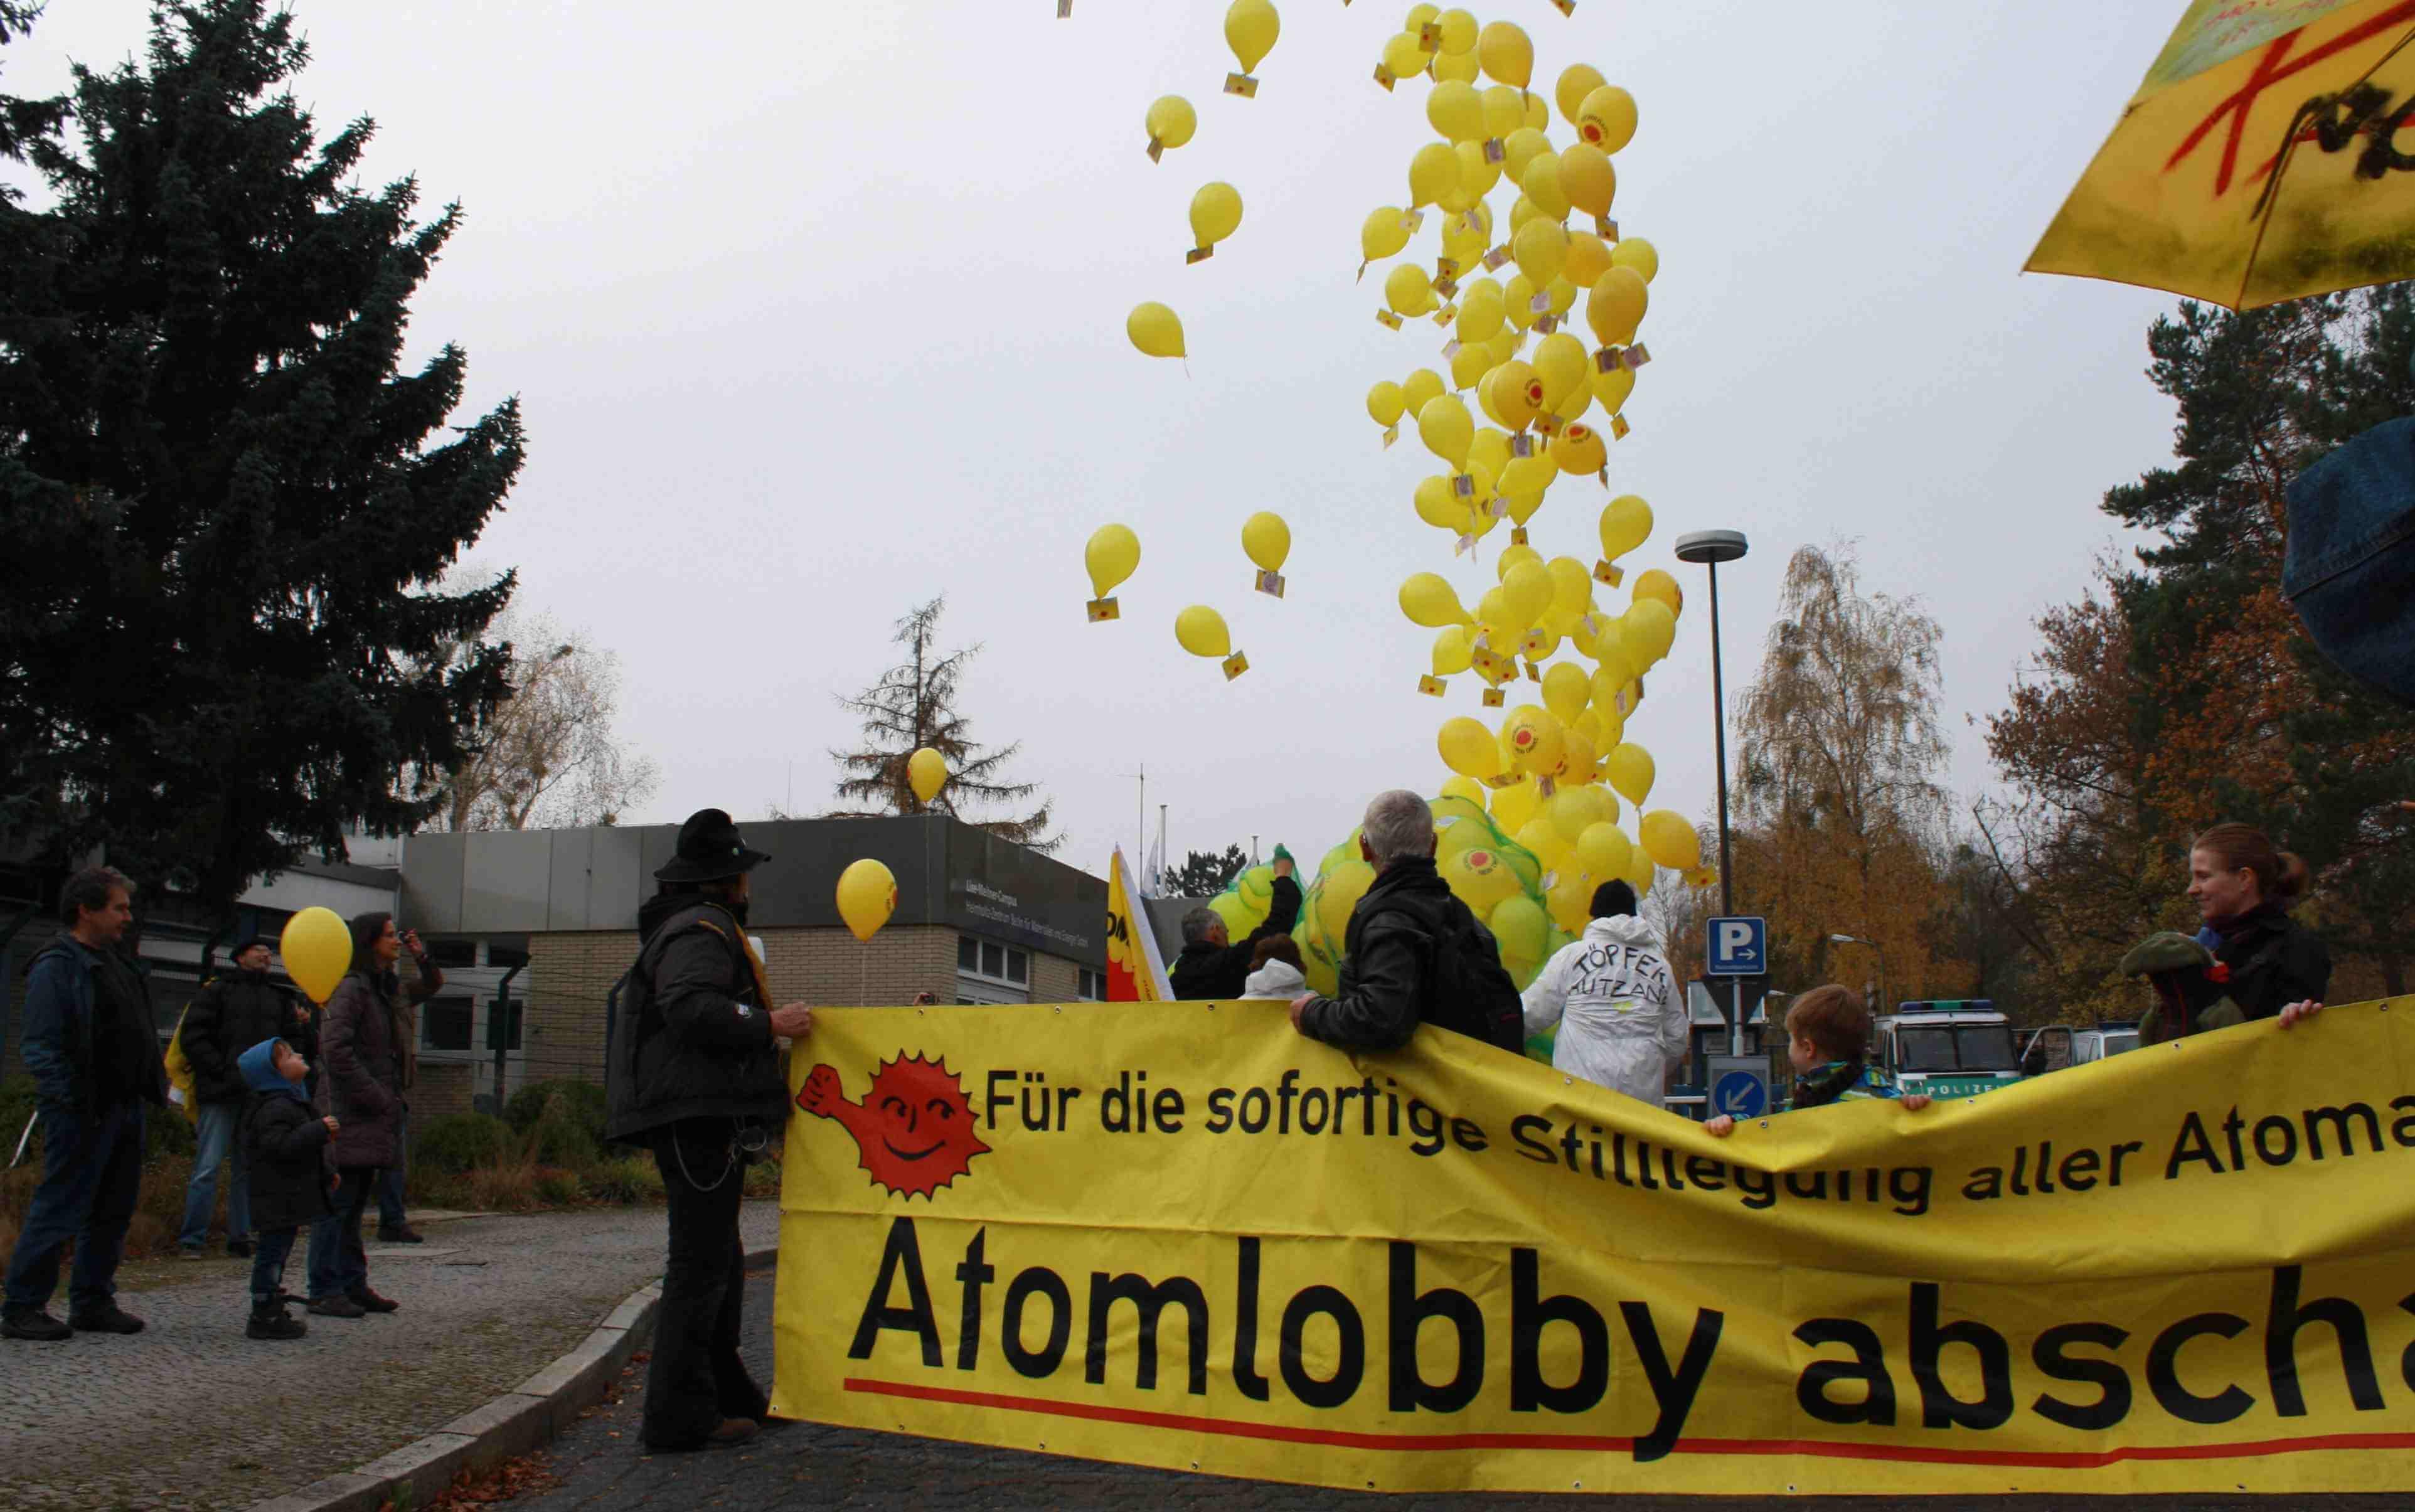 Mit Luftballons gegen Atomkraft: Atomkraft-Gegner demonstrierten in Wannsee